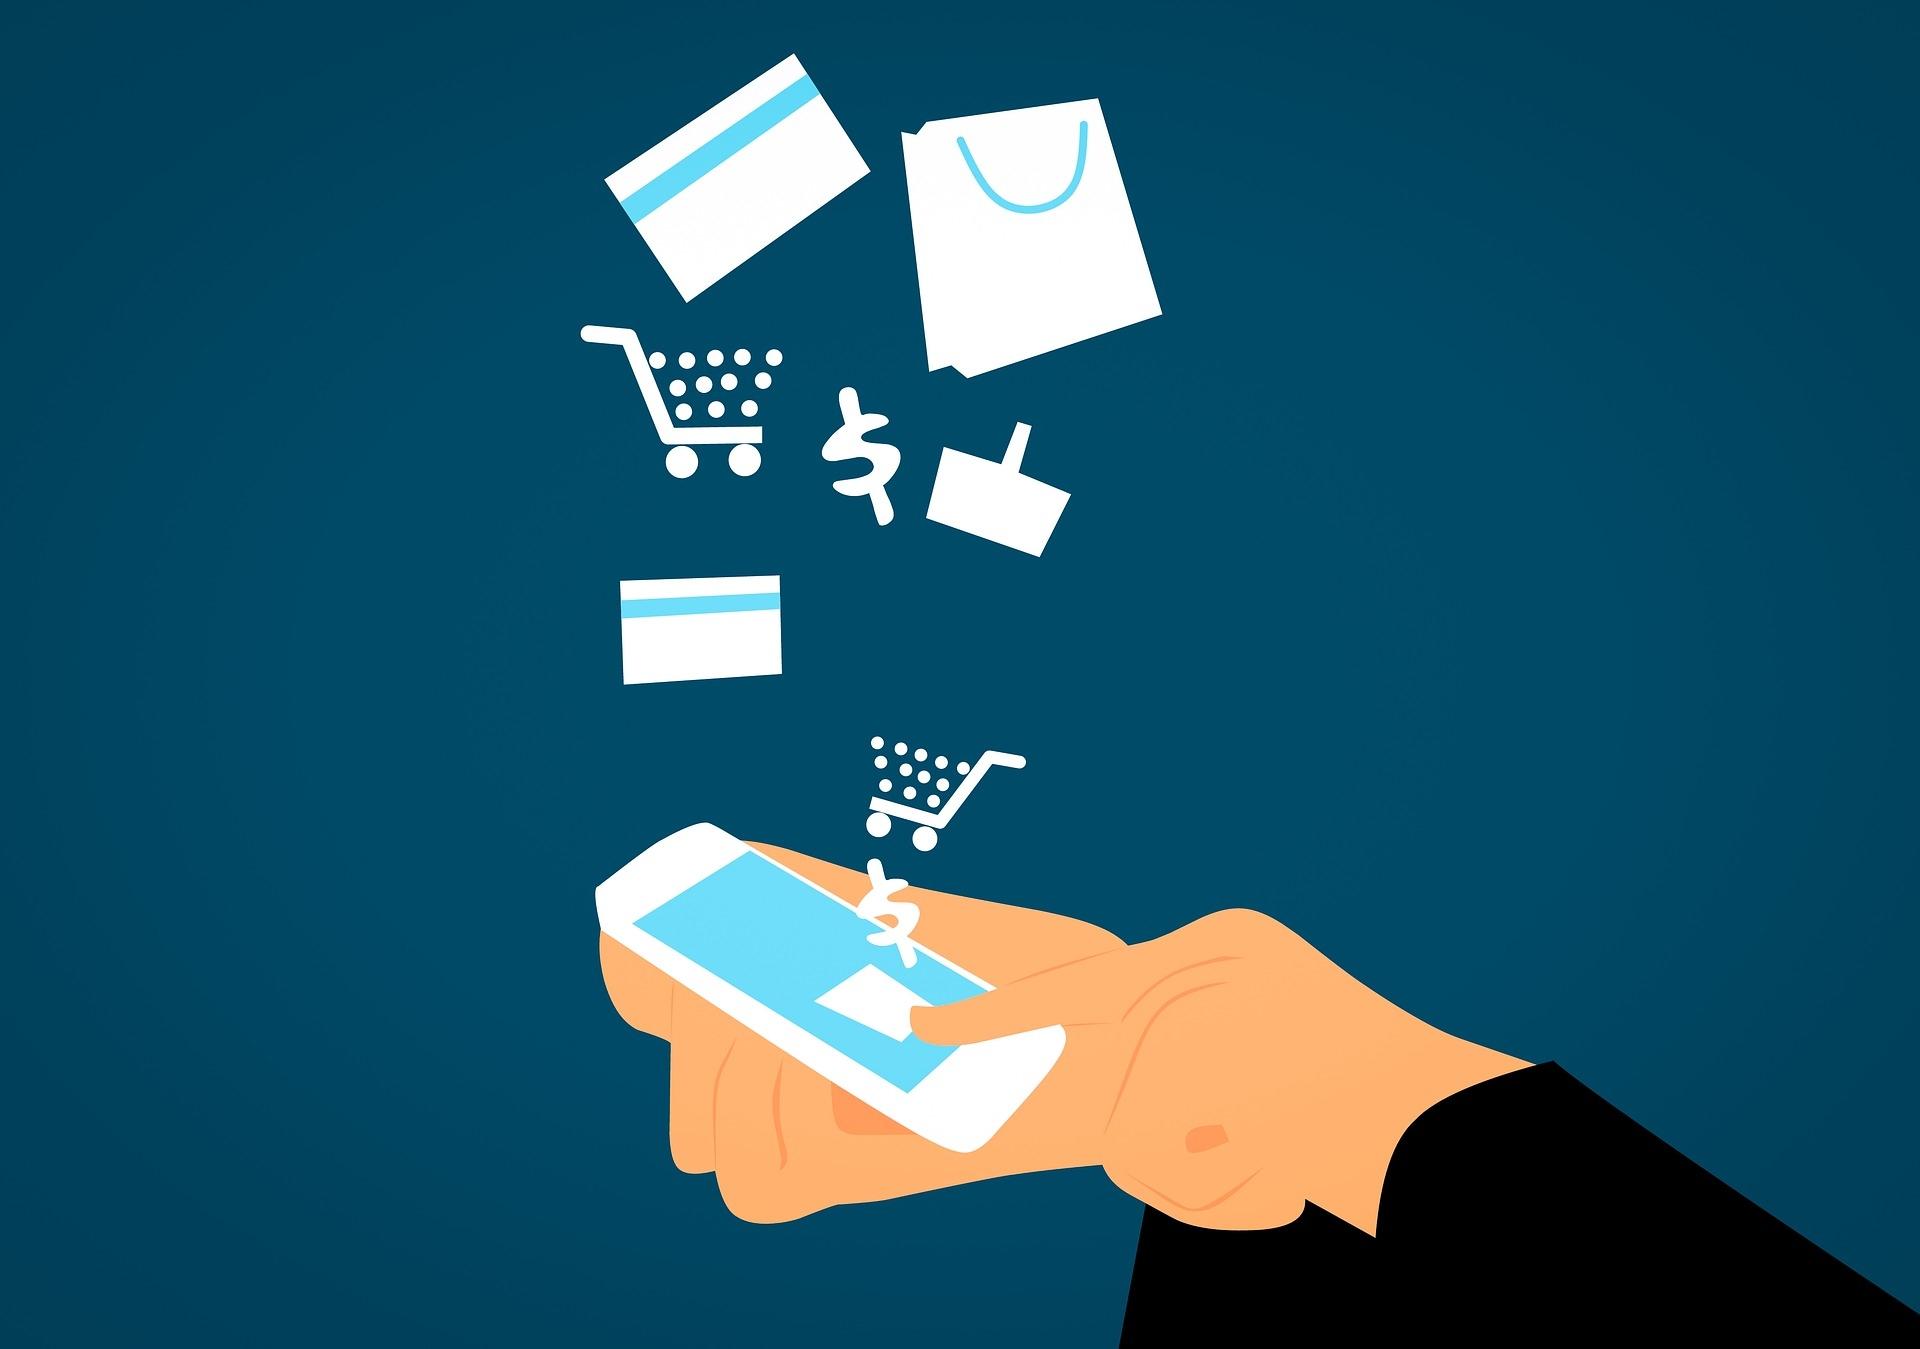 koopintentie beïnvloeden voor Google Shopping